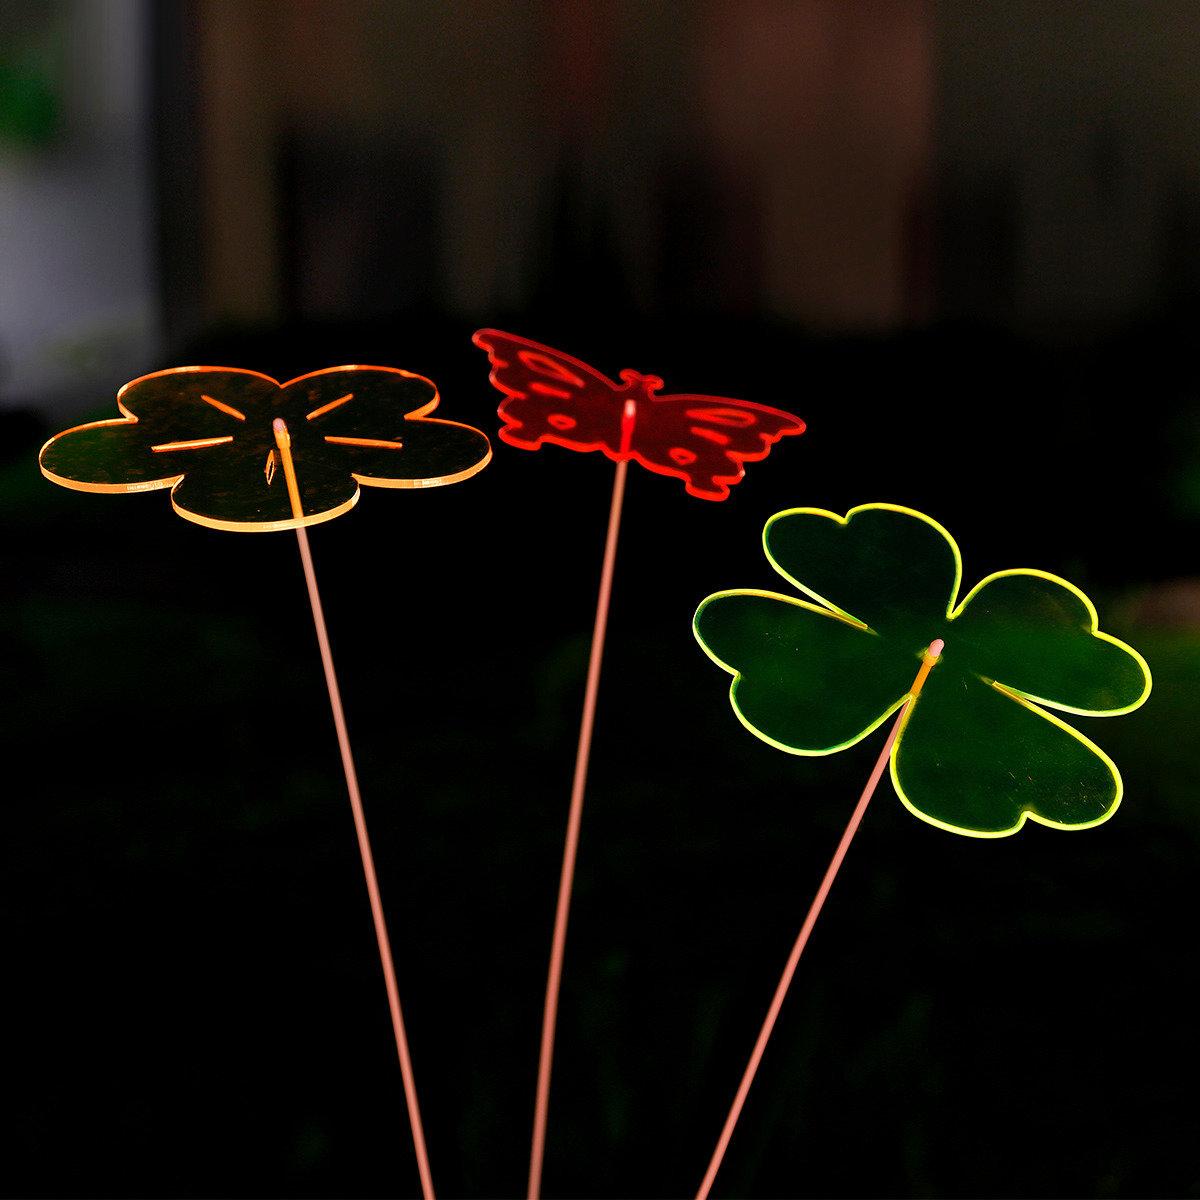 Acryl-Lichtfänger Kleeblatt | #3